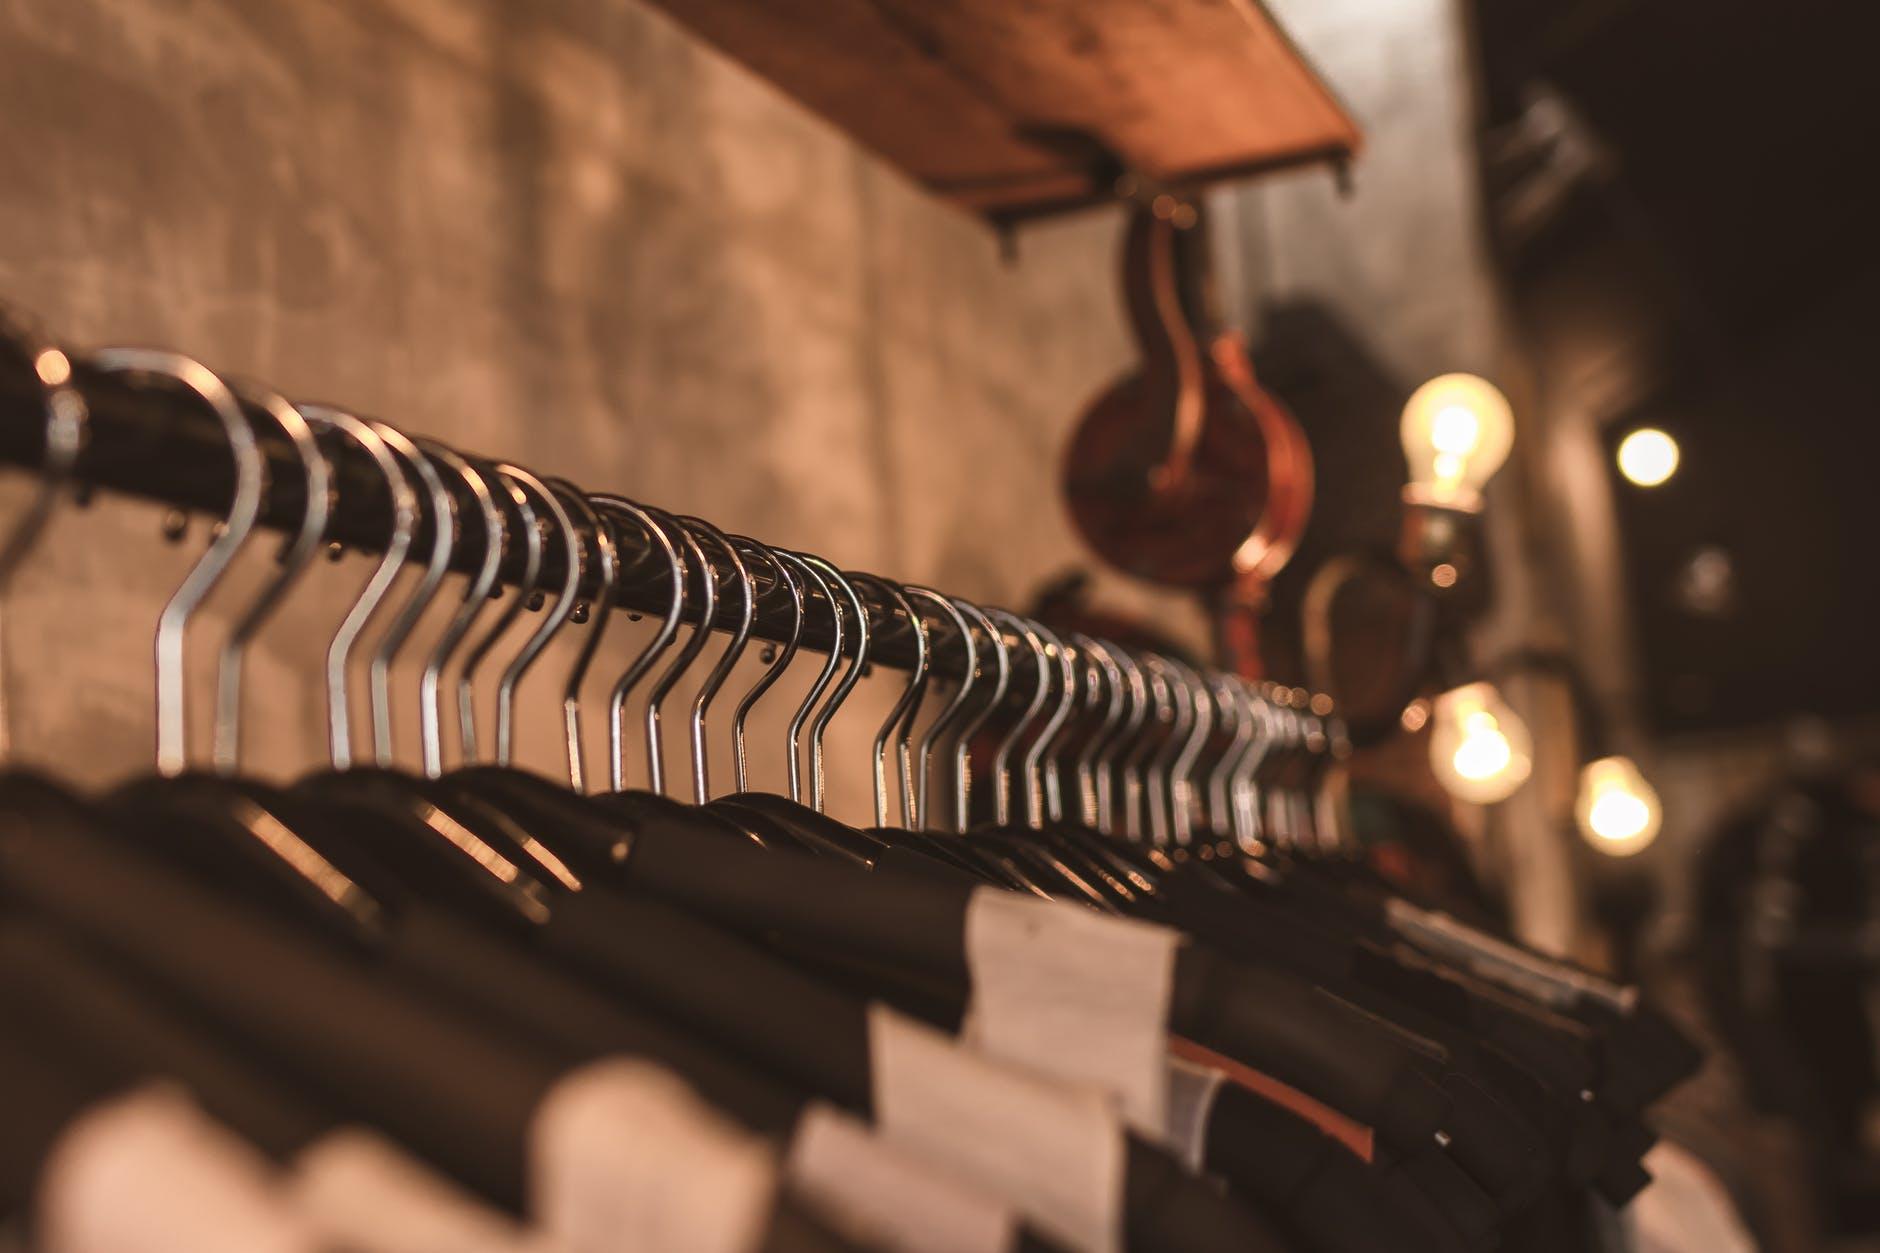 Influencerzy czyszczą szafy, by pomóc Australii